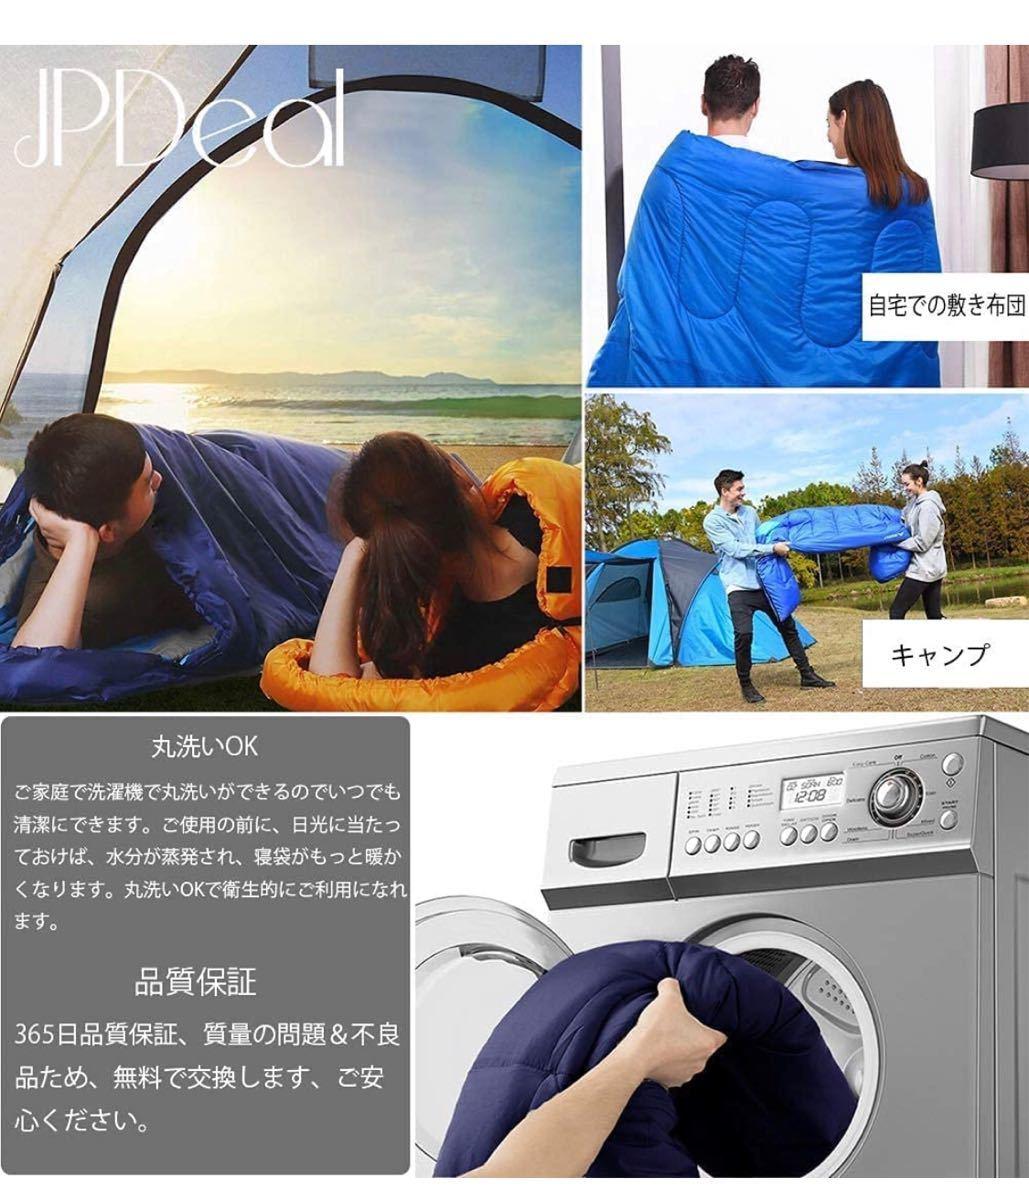 寝袋 封筒型 軽量 保温 210T防水シュラフ コンパクト アウトドア キャンプ 登山 車中泊 防災用